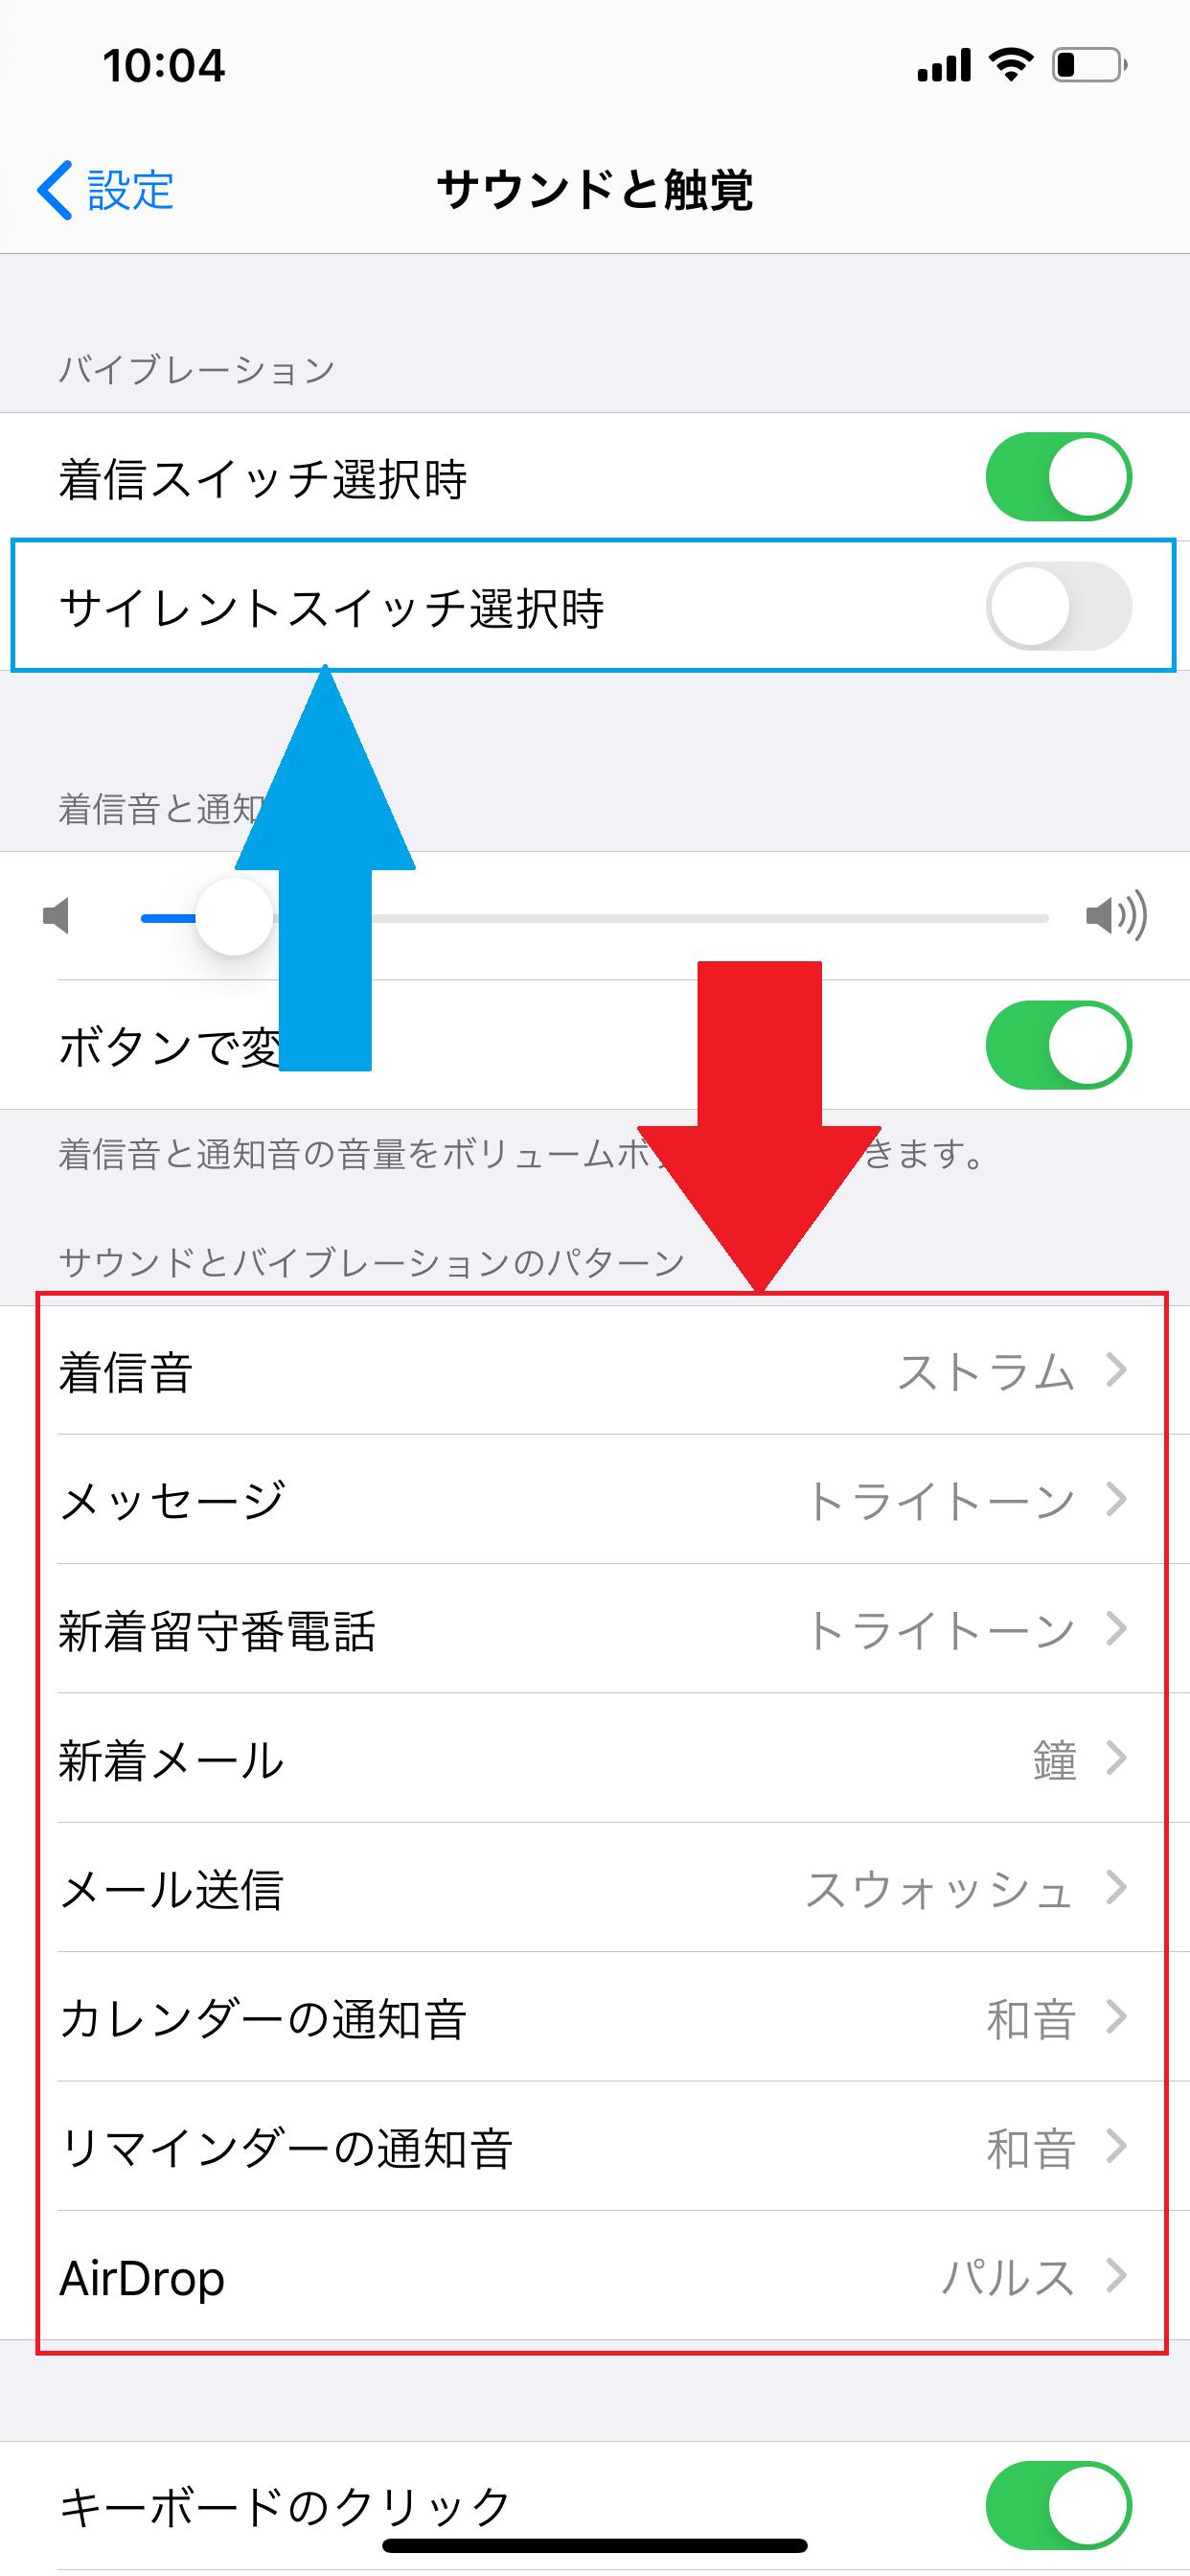 iPhoneバイブレーション設定